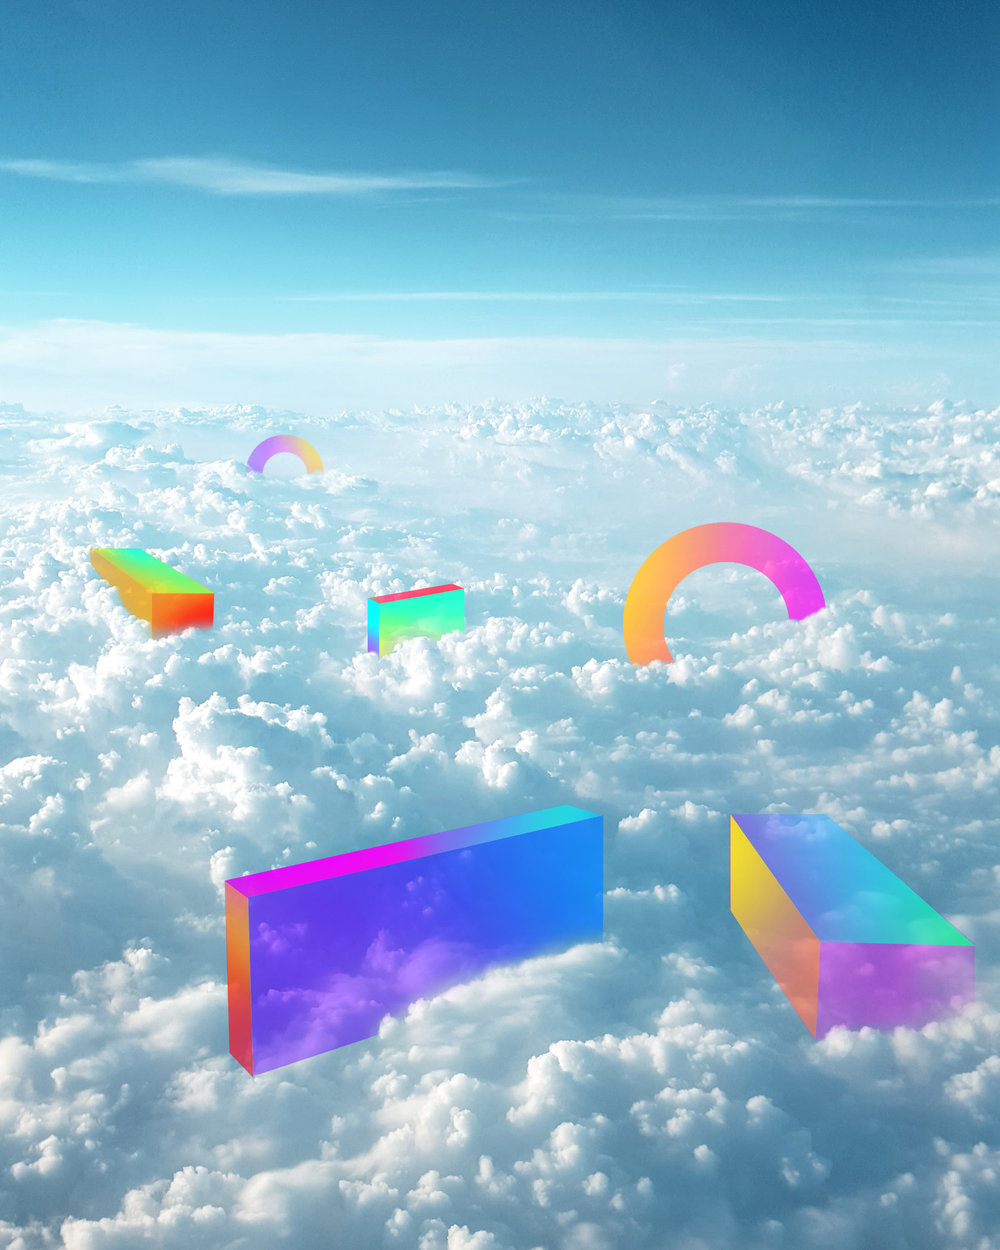 SaraChaudhuri-Clouds